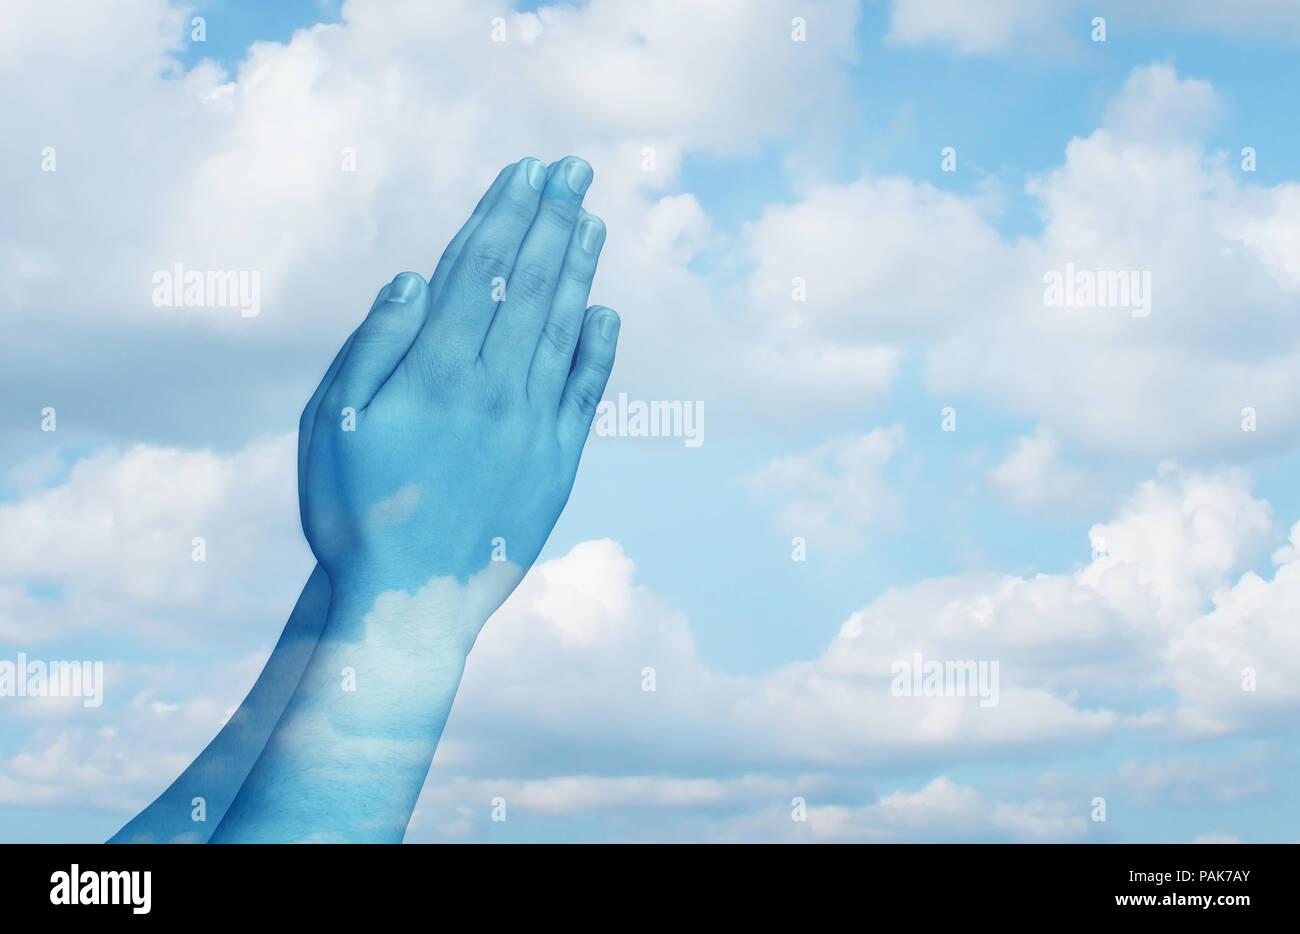 La preghiera e la vita spirituale concetto come mani nel culto su uno sfondo con cielo come un simbolo di fede e di spiritualità nella religione. Immagini Stock